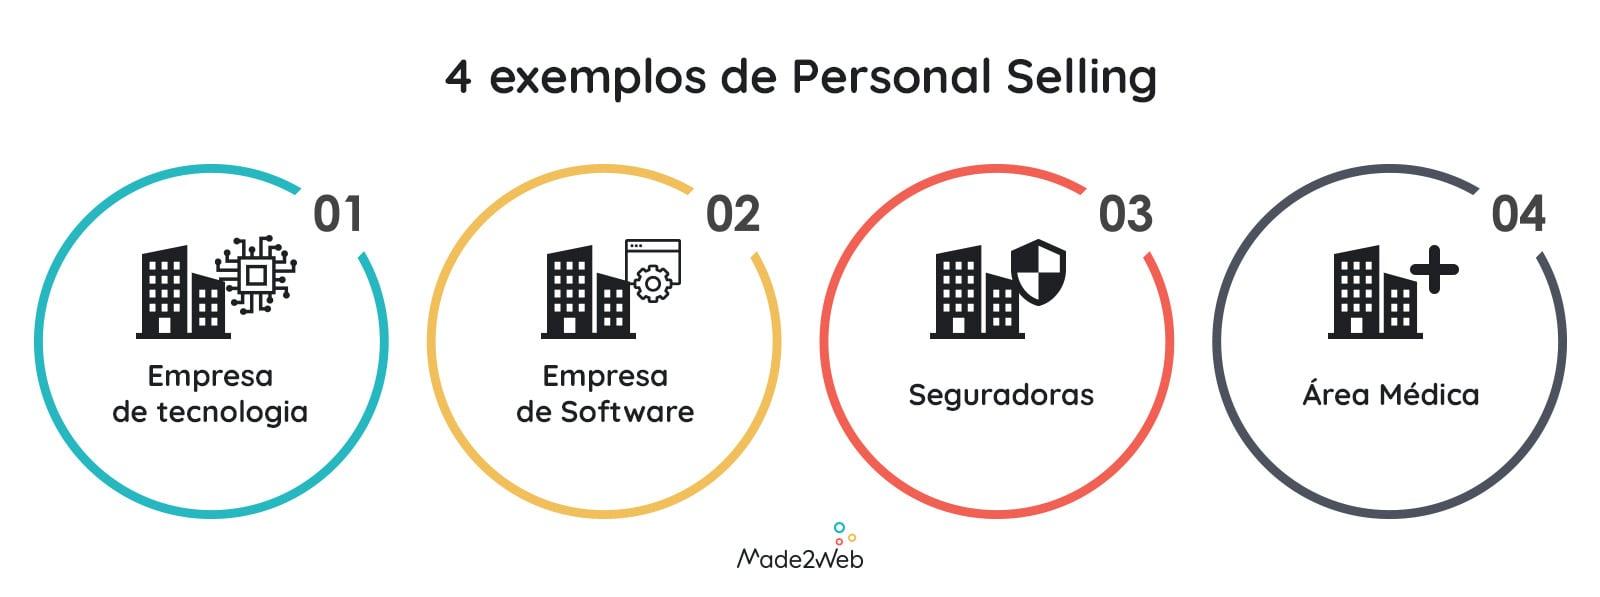 4-exemplos-de-personal-selling-que-funcionam-mesmo